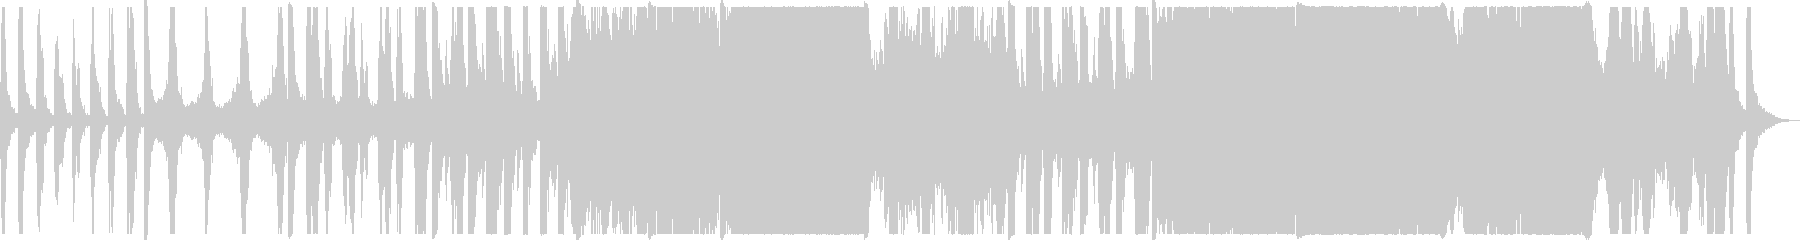 ダイナミックなオーケストラ曲の未再生の波形